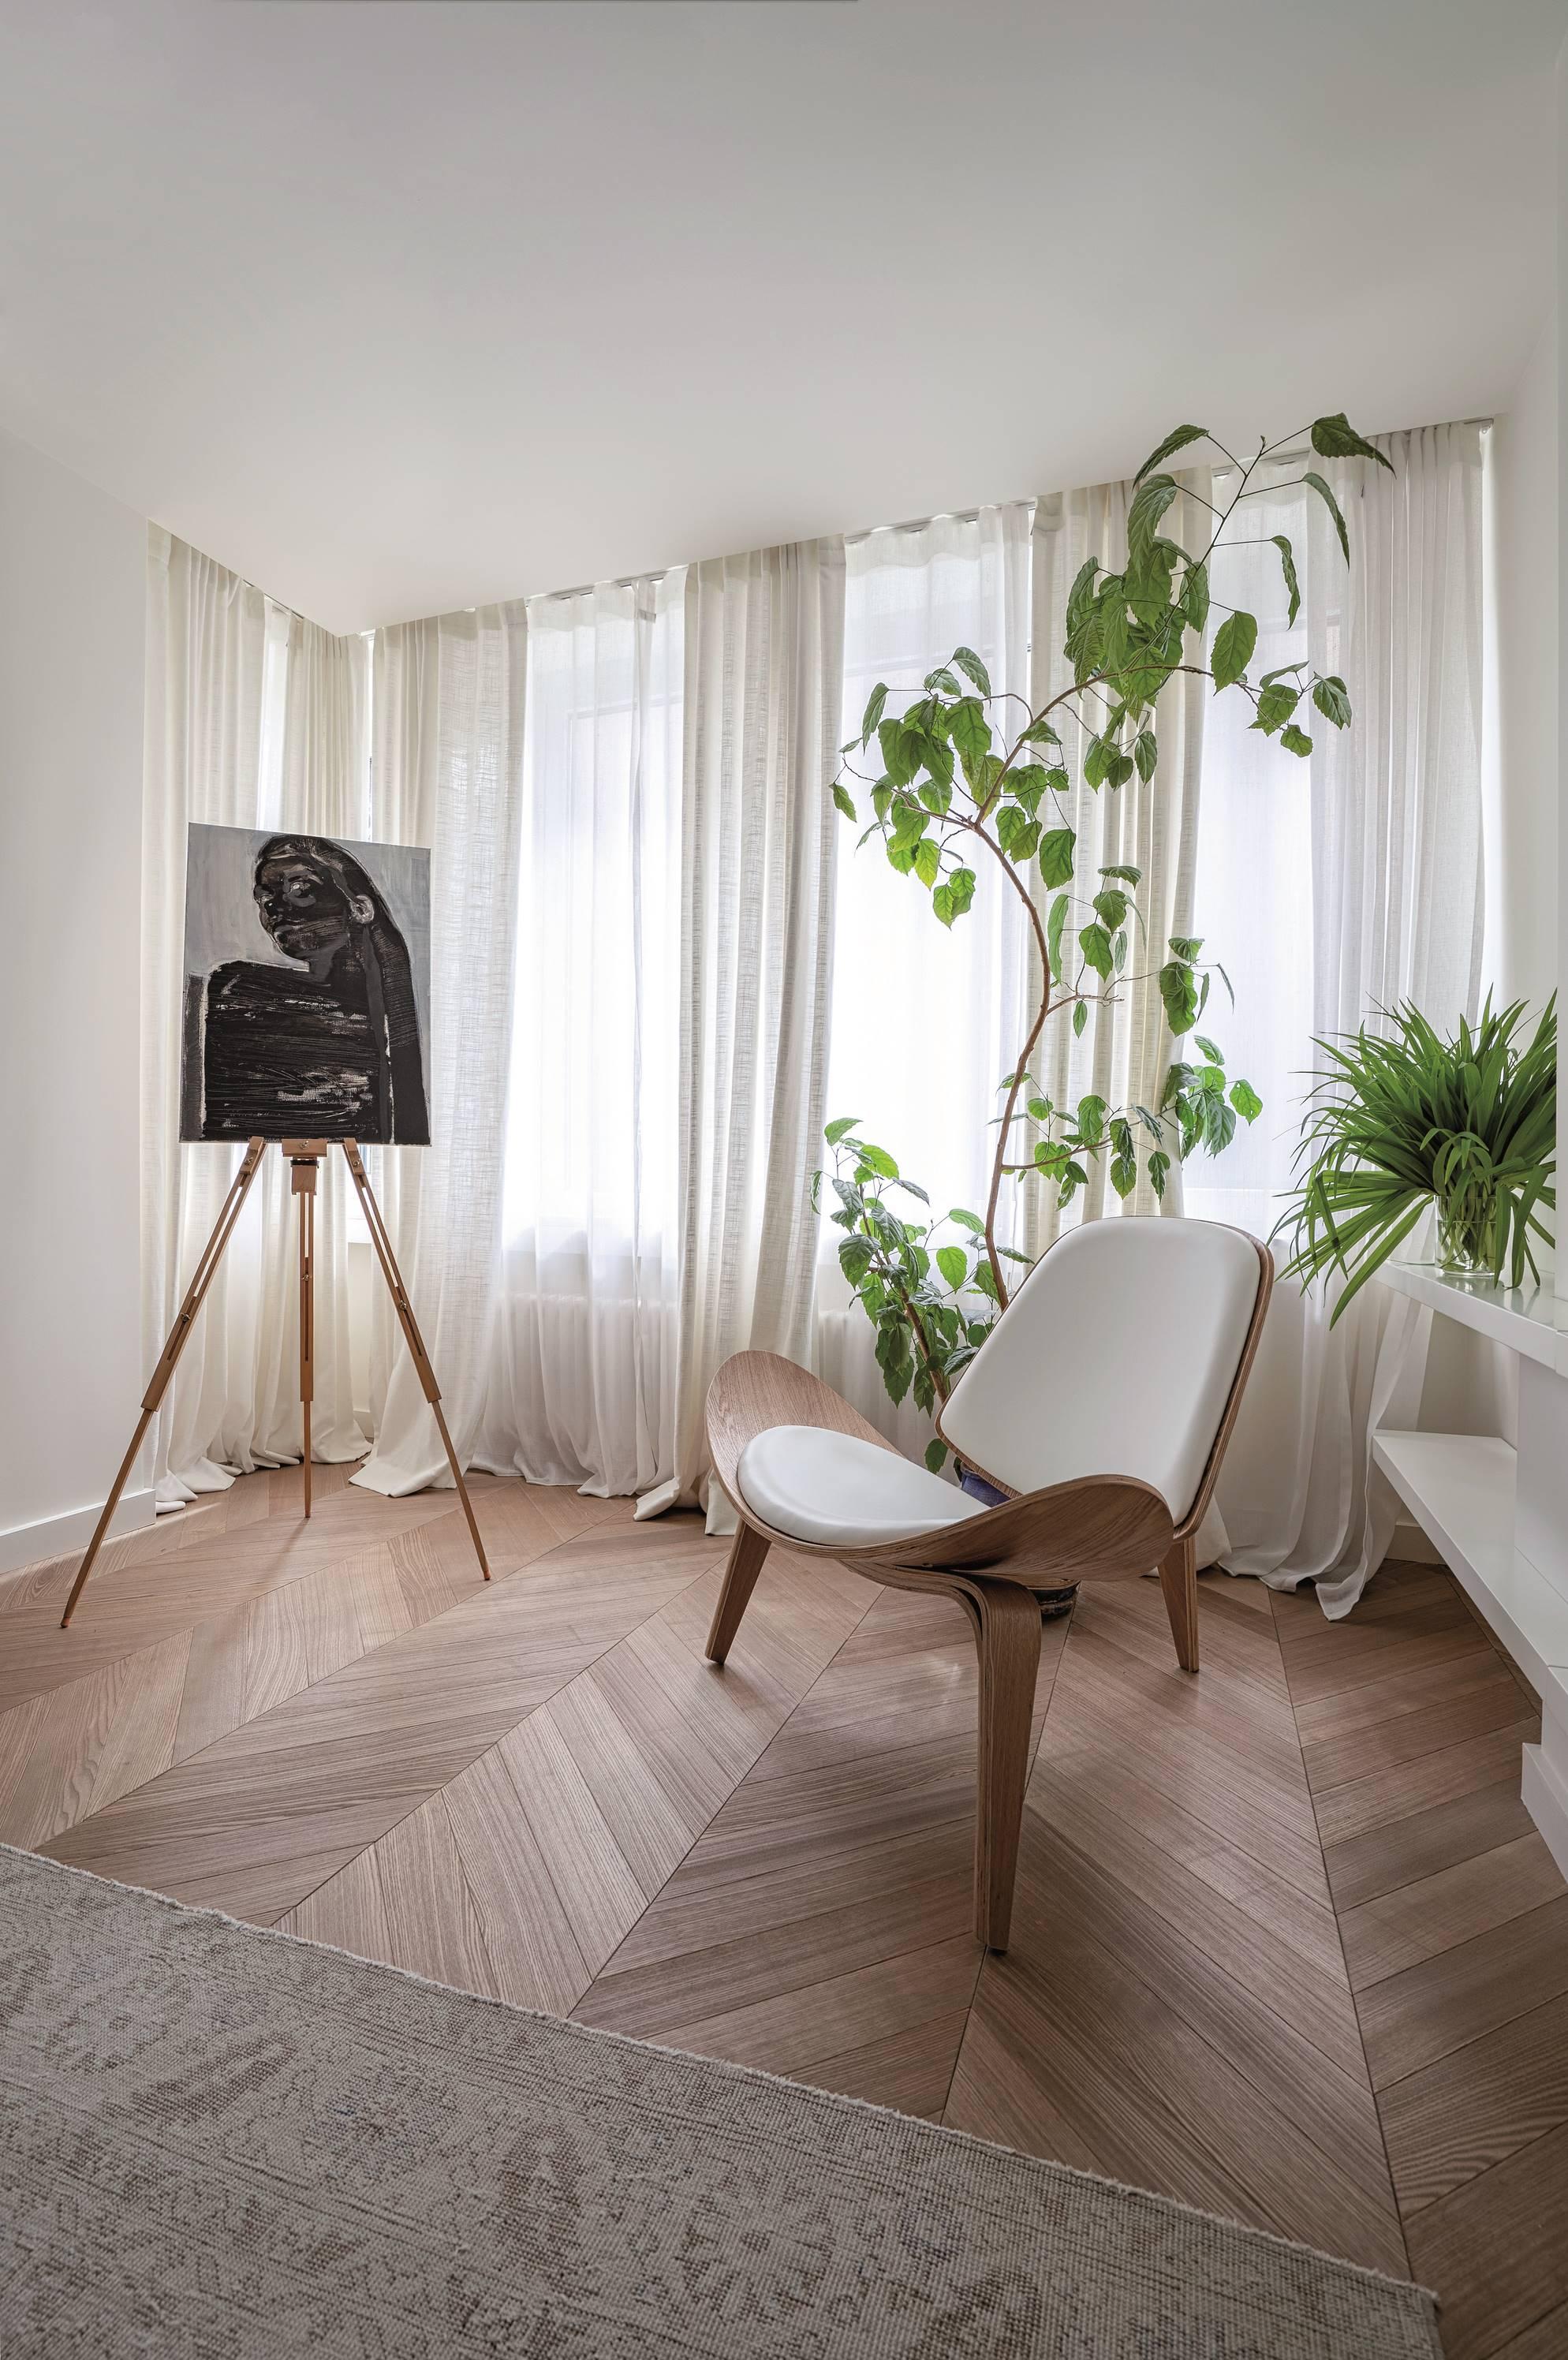 """Към спалнята е приобщен балкон, за да стане възможно най-просторна. Легло Flexteam (Sklada), нощни шкафчета и лампи на Ligne Roset ( Helix), фотьойл – Coradi. Картината акрил """"Елена"""" е с автор Каролина Далкалъчева."""